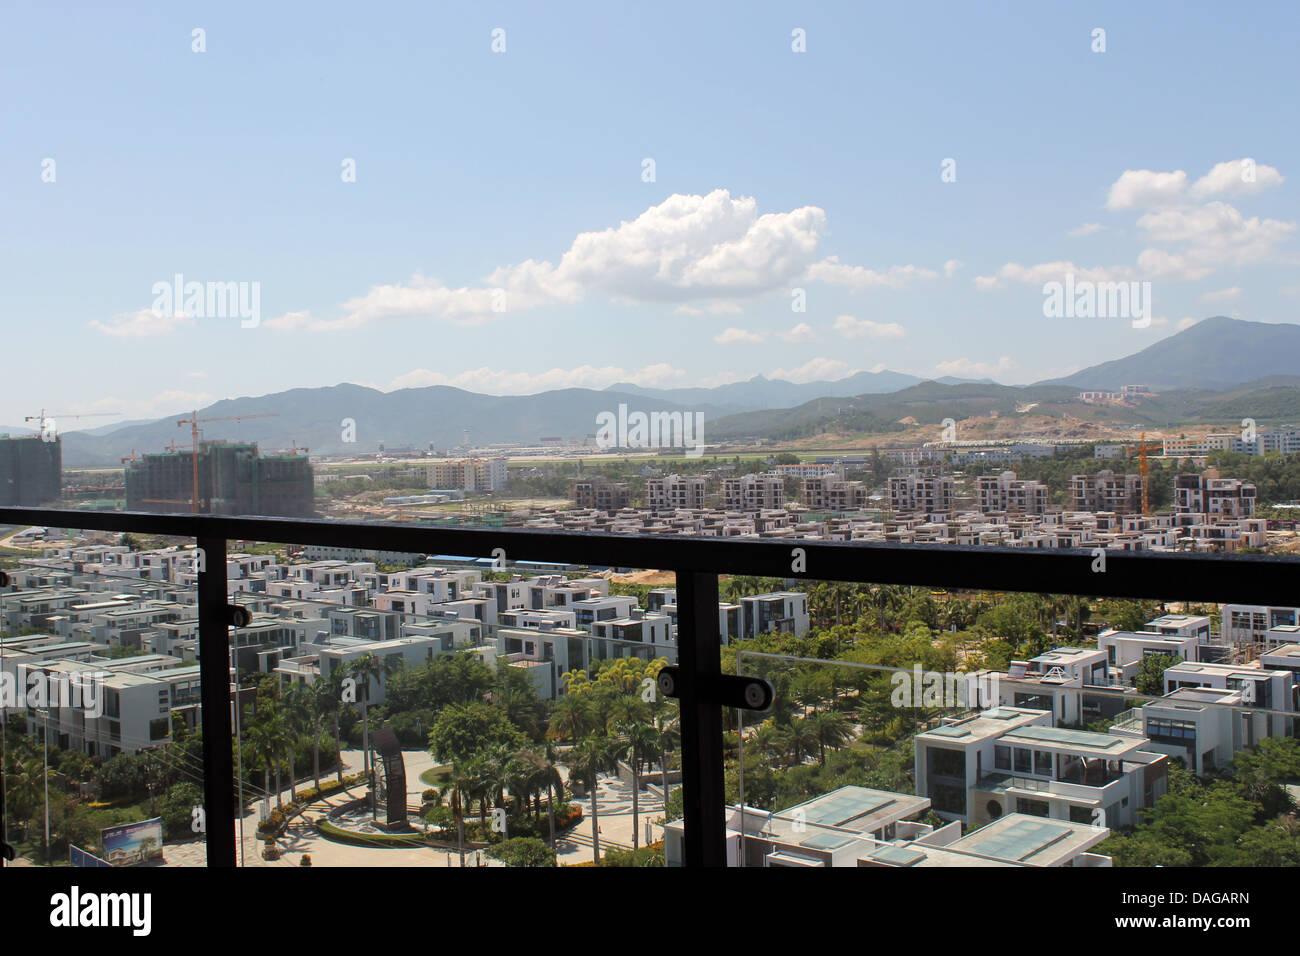 Schone Aussicht Vom Balkon Stockfoto Bild 58137401 Alamy